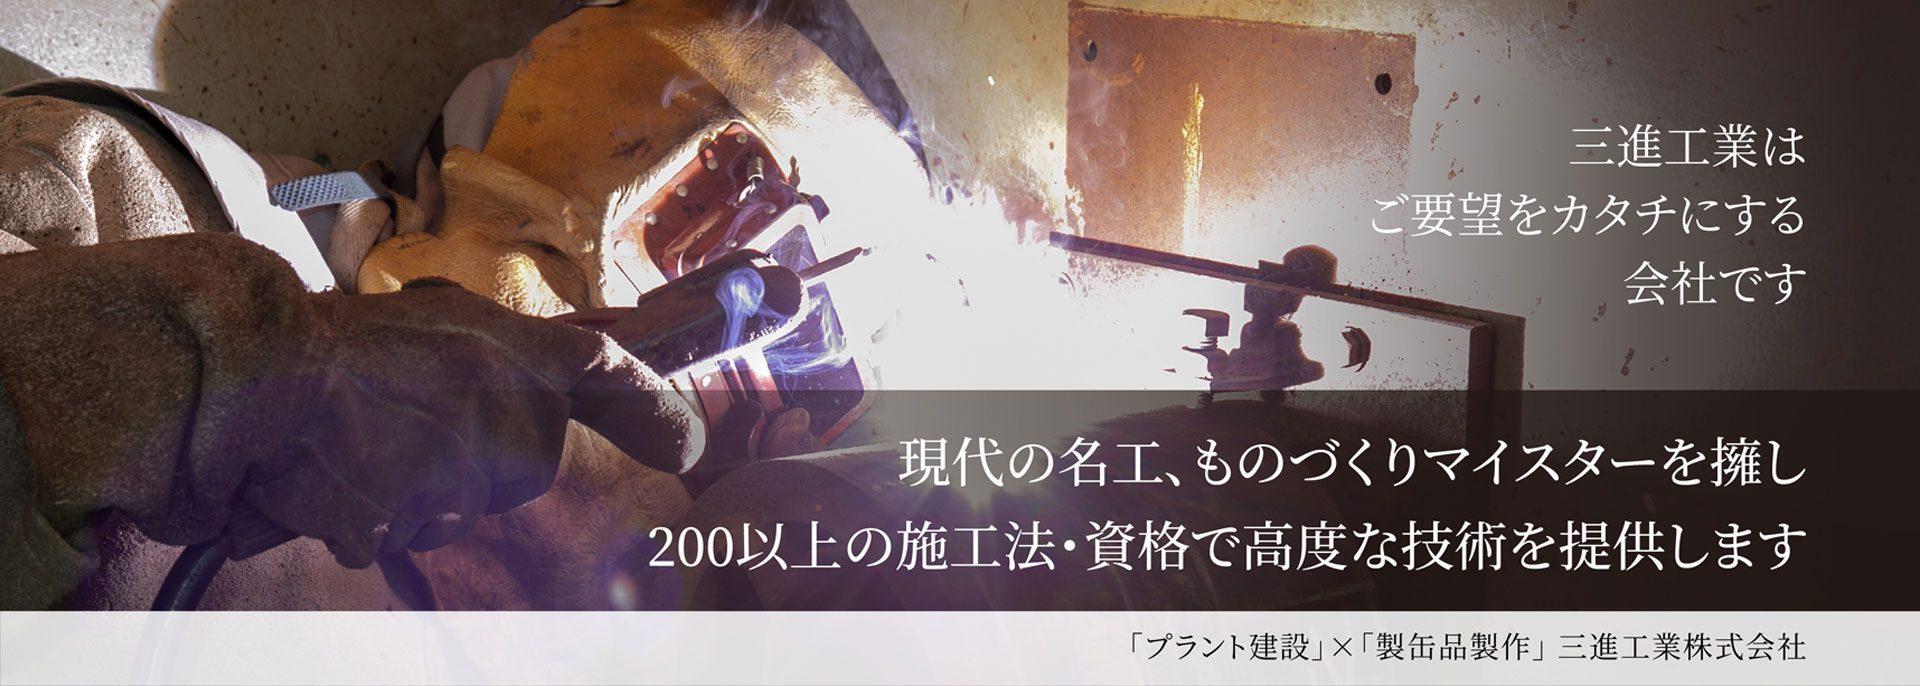 三進工業スライダー04